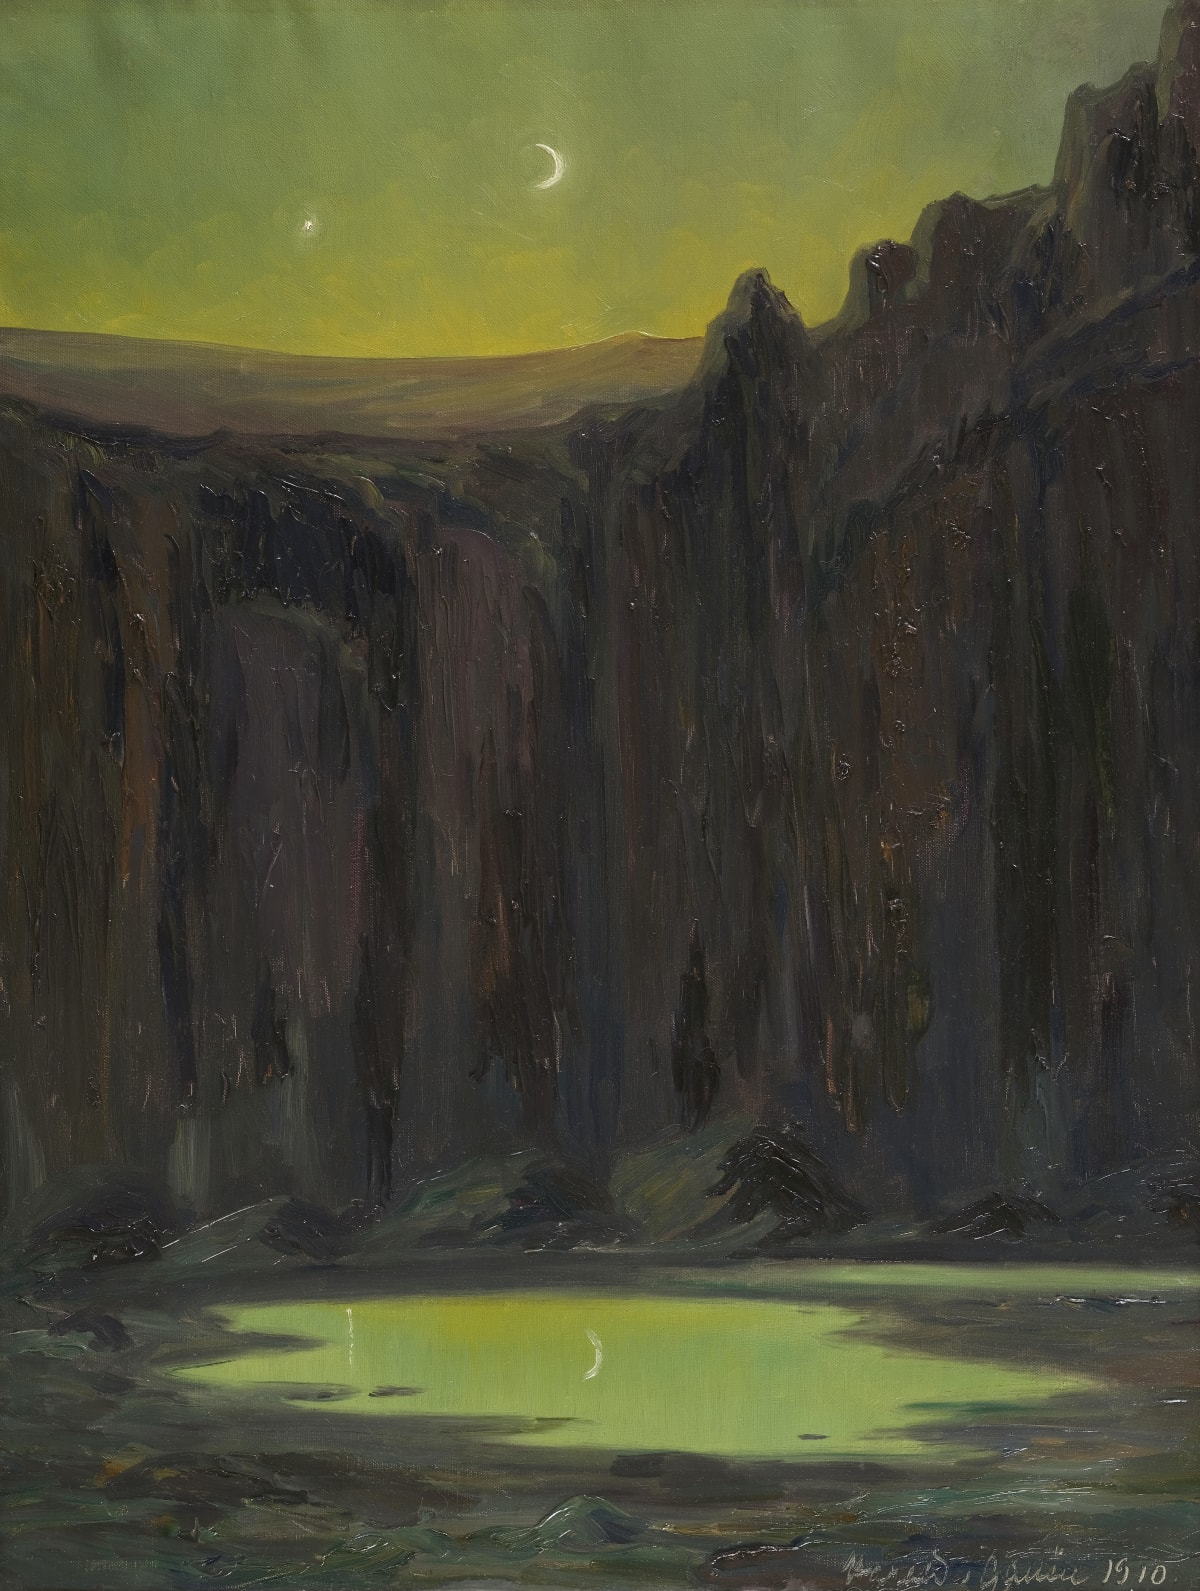 Arthur Harald-Gallén Croissant de lune, 1910 Huile sur toile 72 x 56 cm Signé et daté en bas à droite